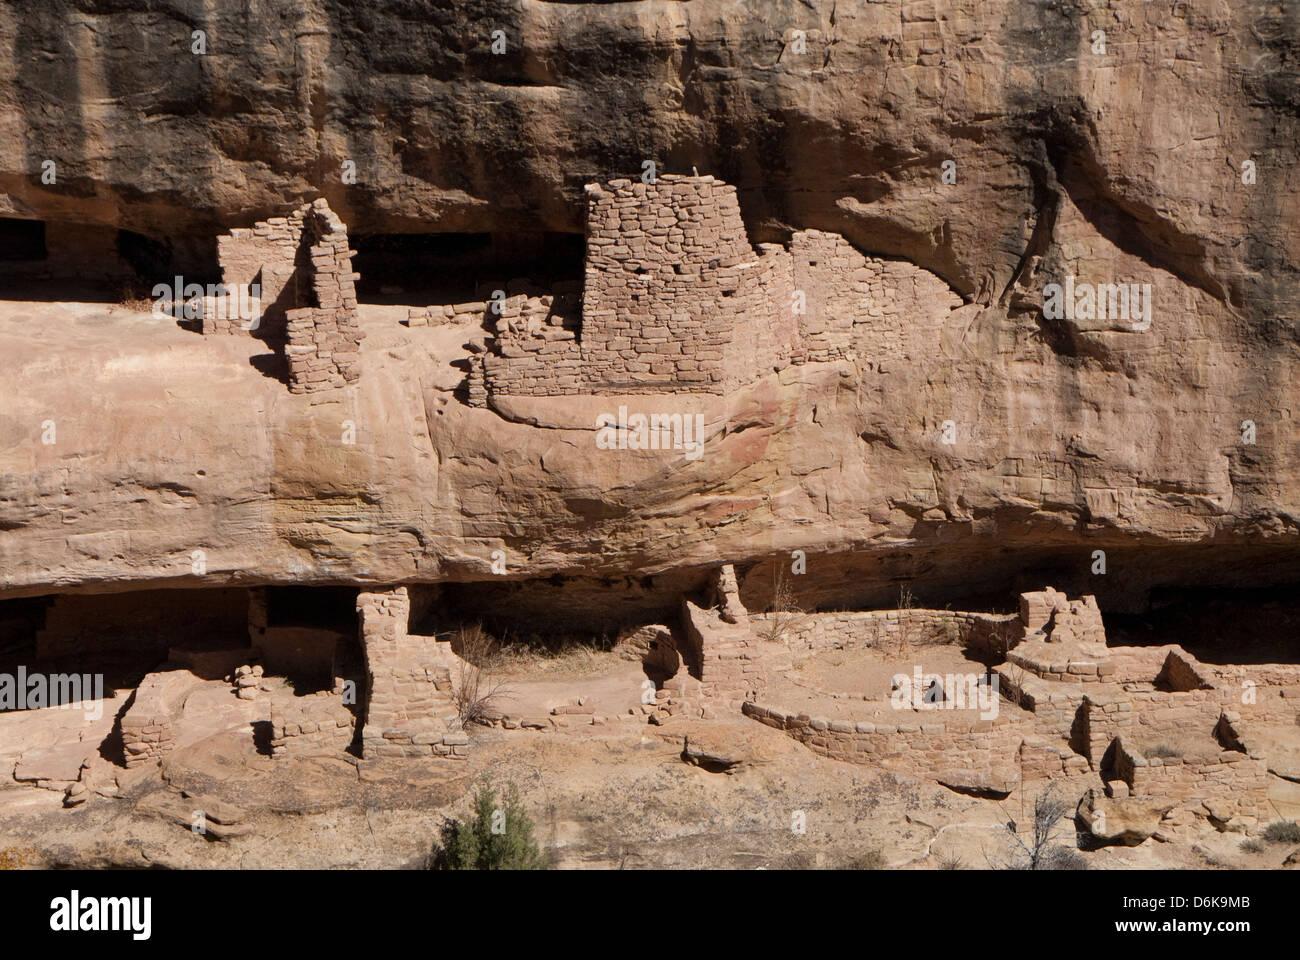 El Parque Nacional Mesa Verde, Sitio del Patrimonio Mundial de la UNESCO, Colorado, Estados Unidos de América, Imagen De Stock